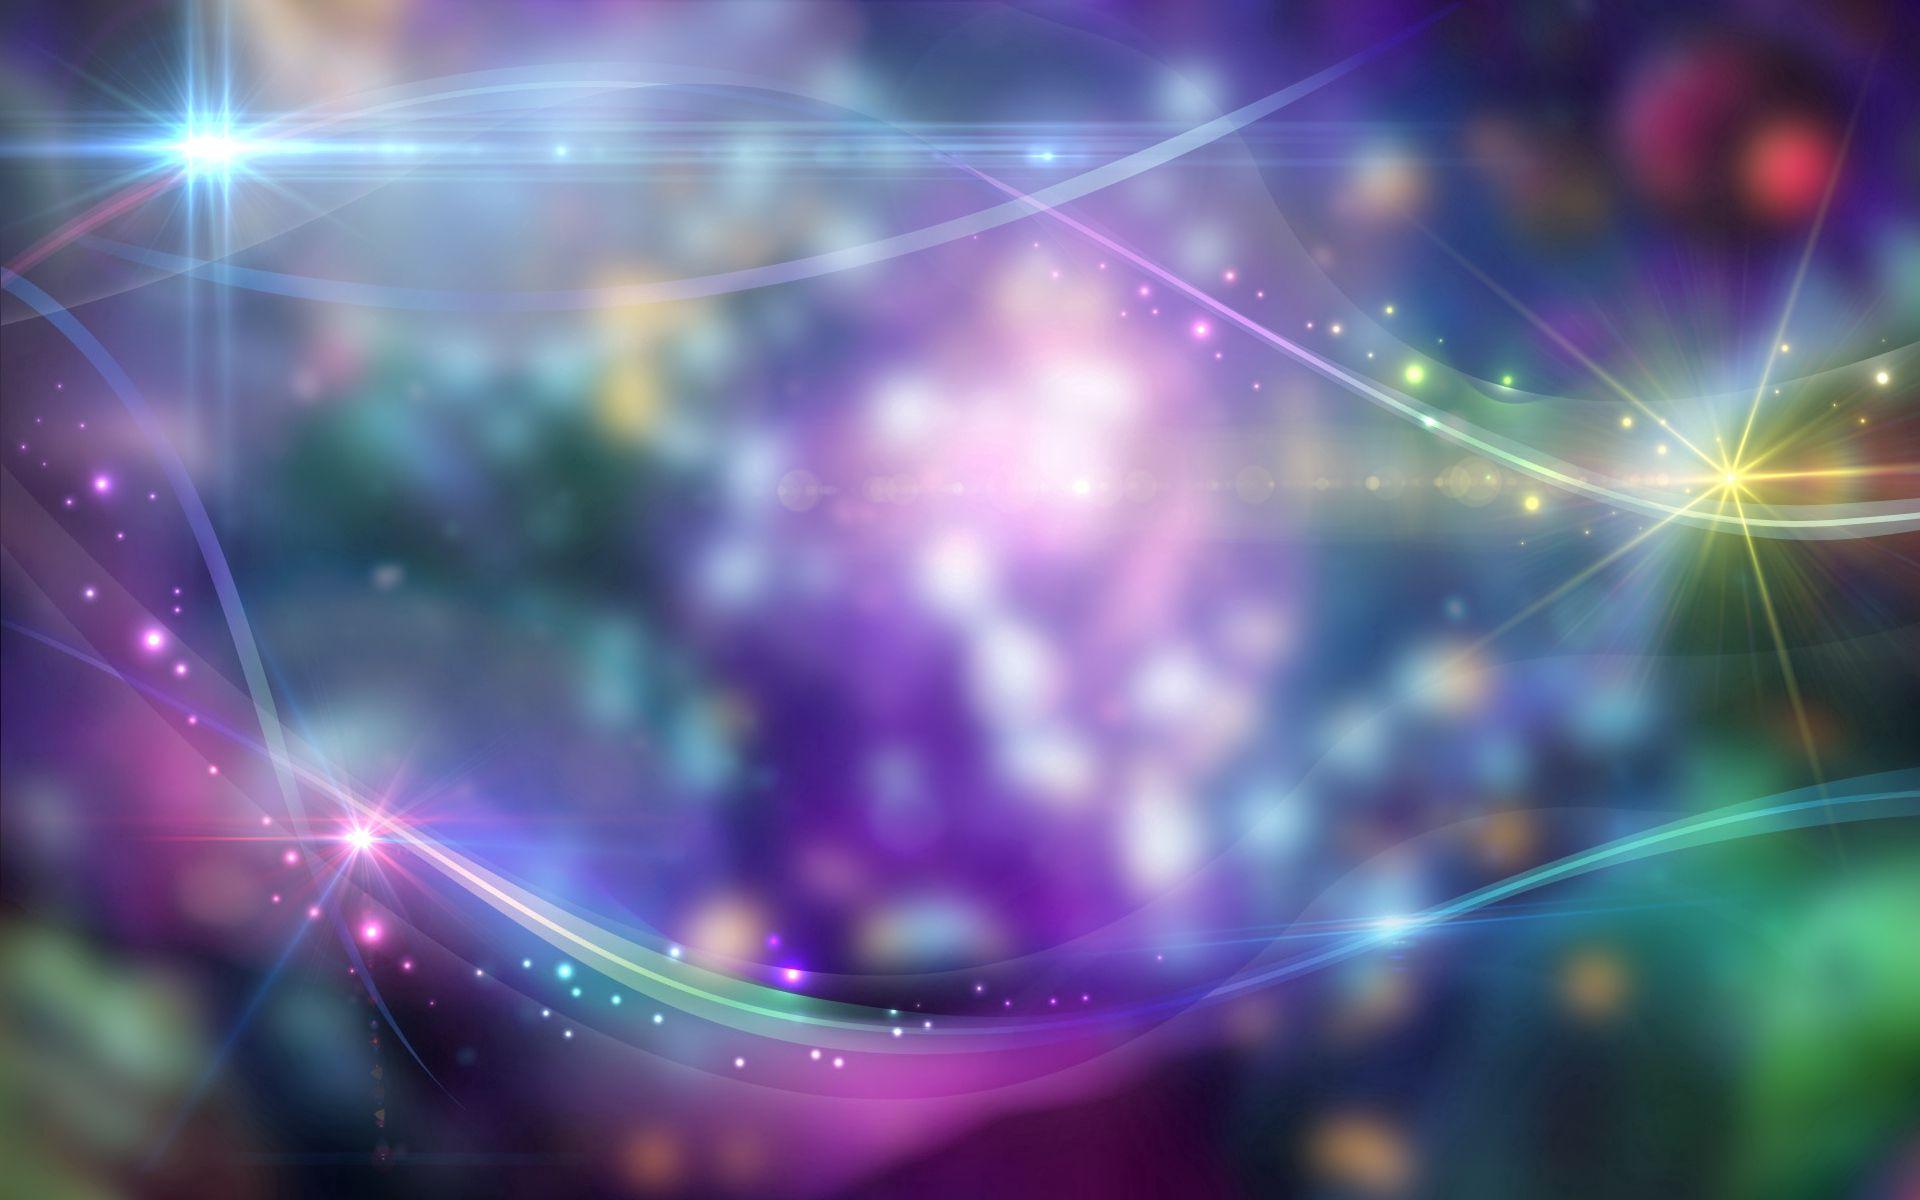 90498 Hintergrundbild herunterladen Mehrfarbig, Abstrakt, Blendung, Scheinen, Licht, Motley, Brillanz - Bildschirmschoner und Bilder kostenlos